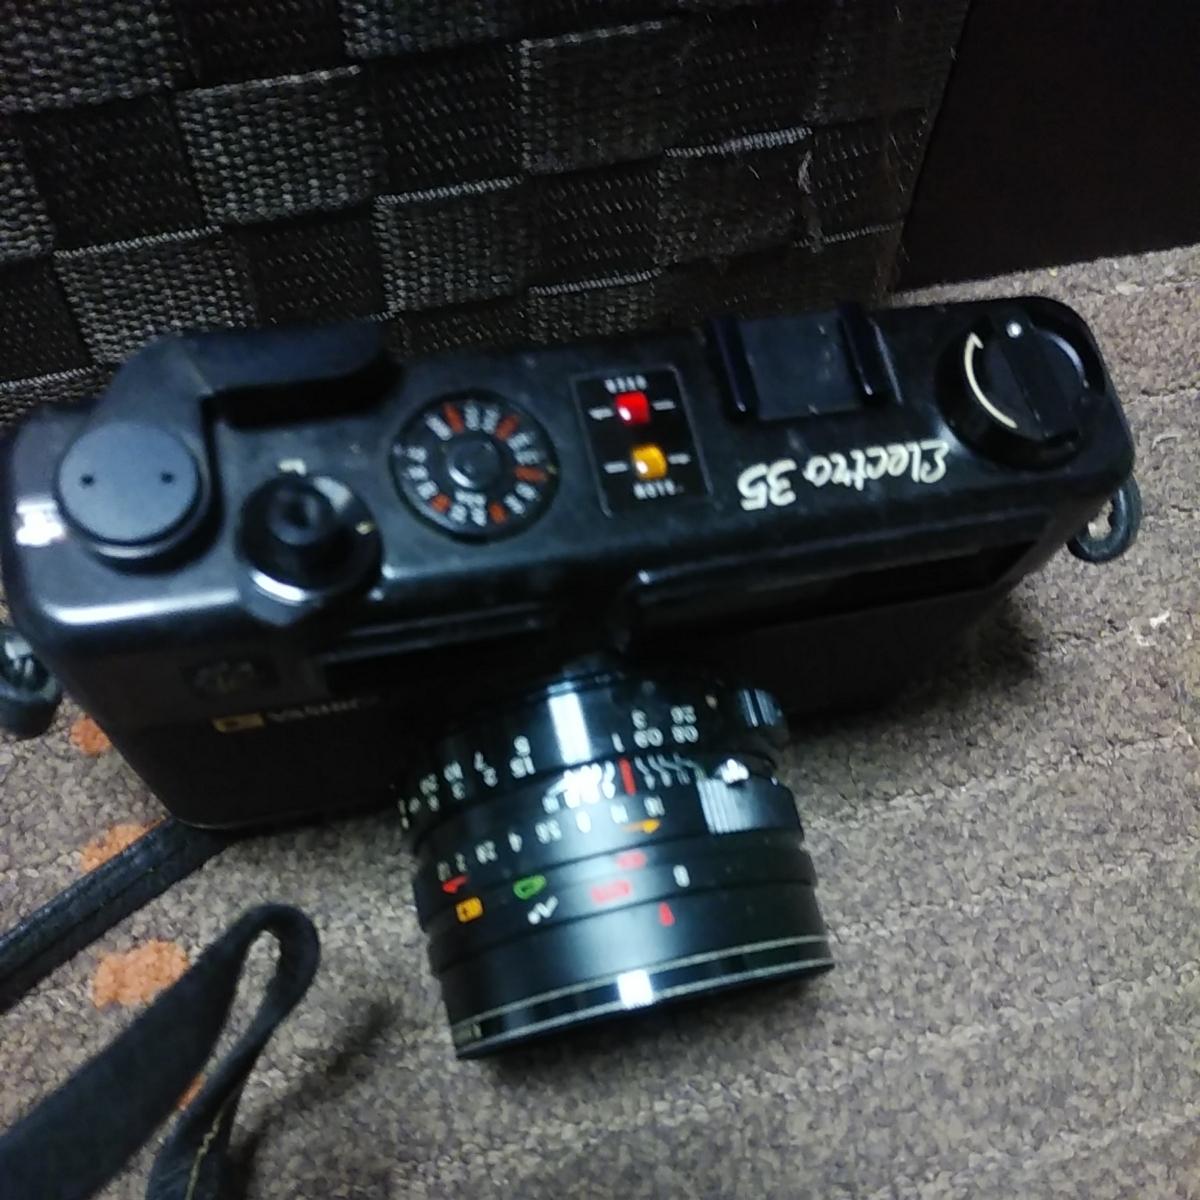 ヤシカ エレクトロ 35 GT/Electro 35 シャッターのみ動作確認済 used!_画像2